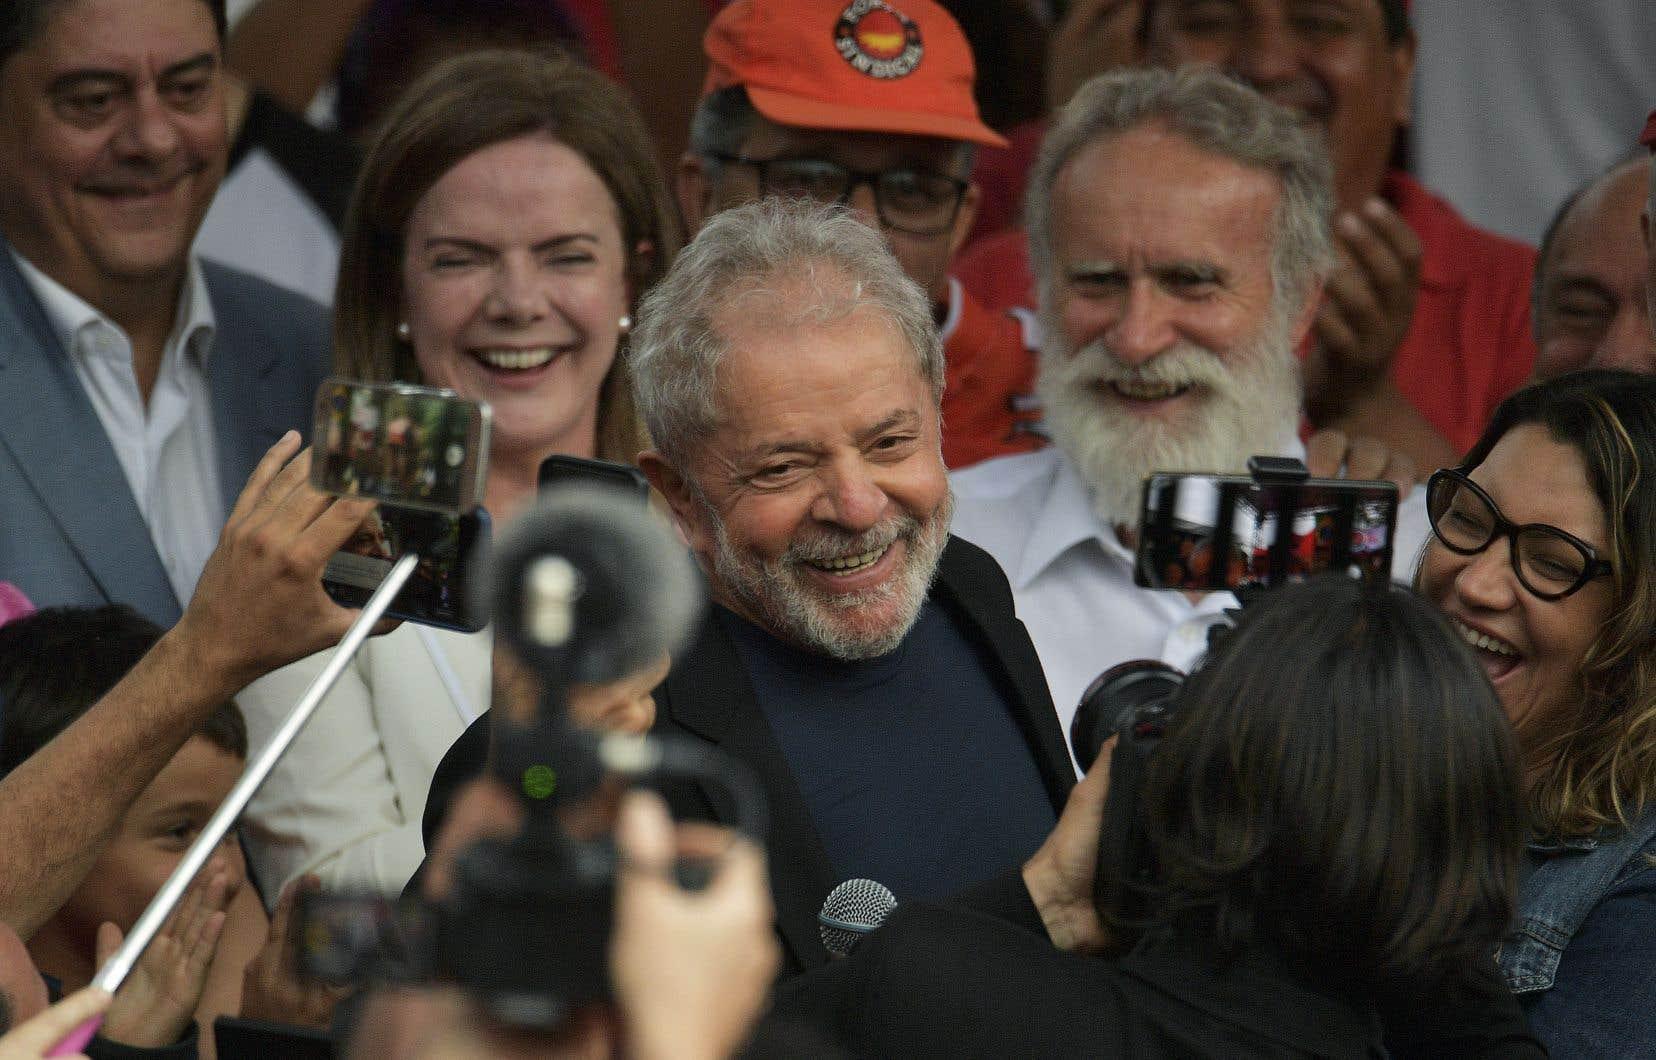 À son arrivée, Lula, libre depuis moins de 24heures, s'est livré à des embrassades chaleureuses avec de nombreux proches, des sympathisants et même des journalistes.